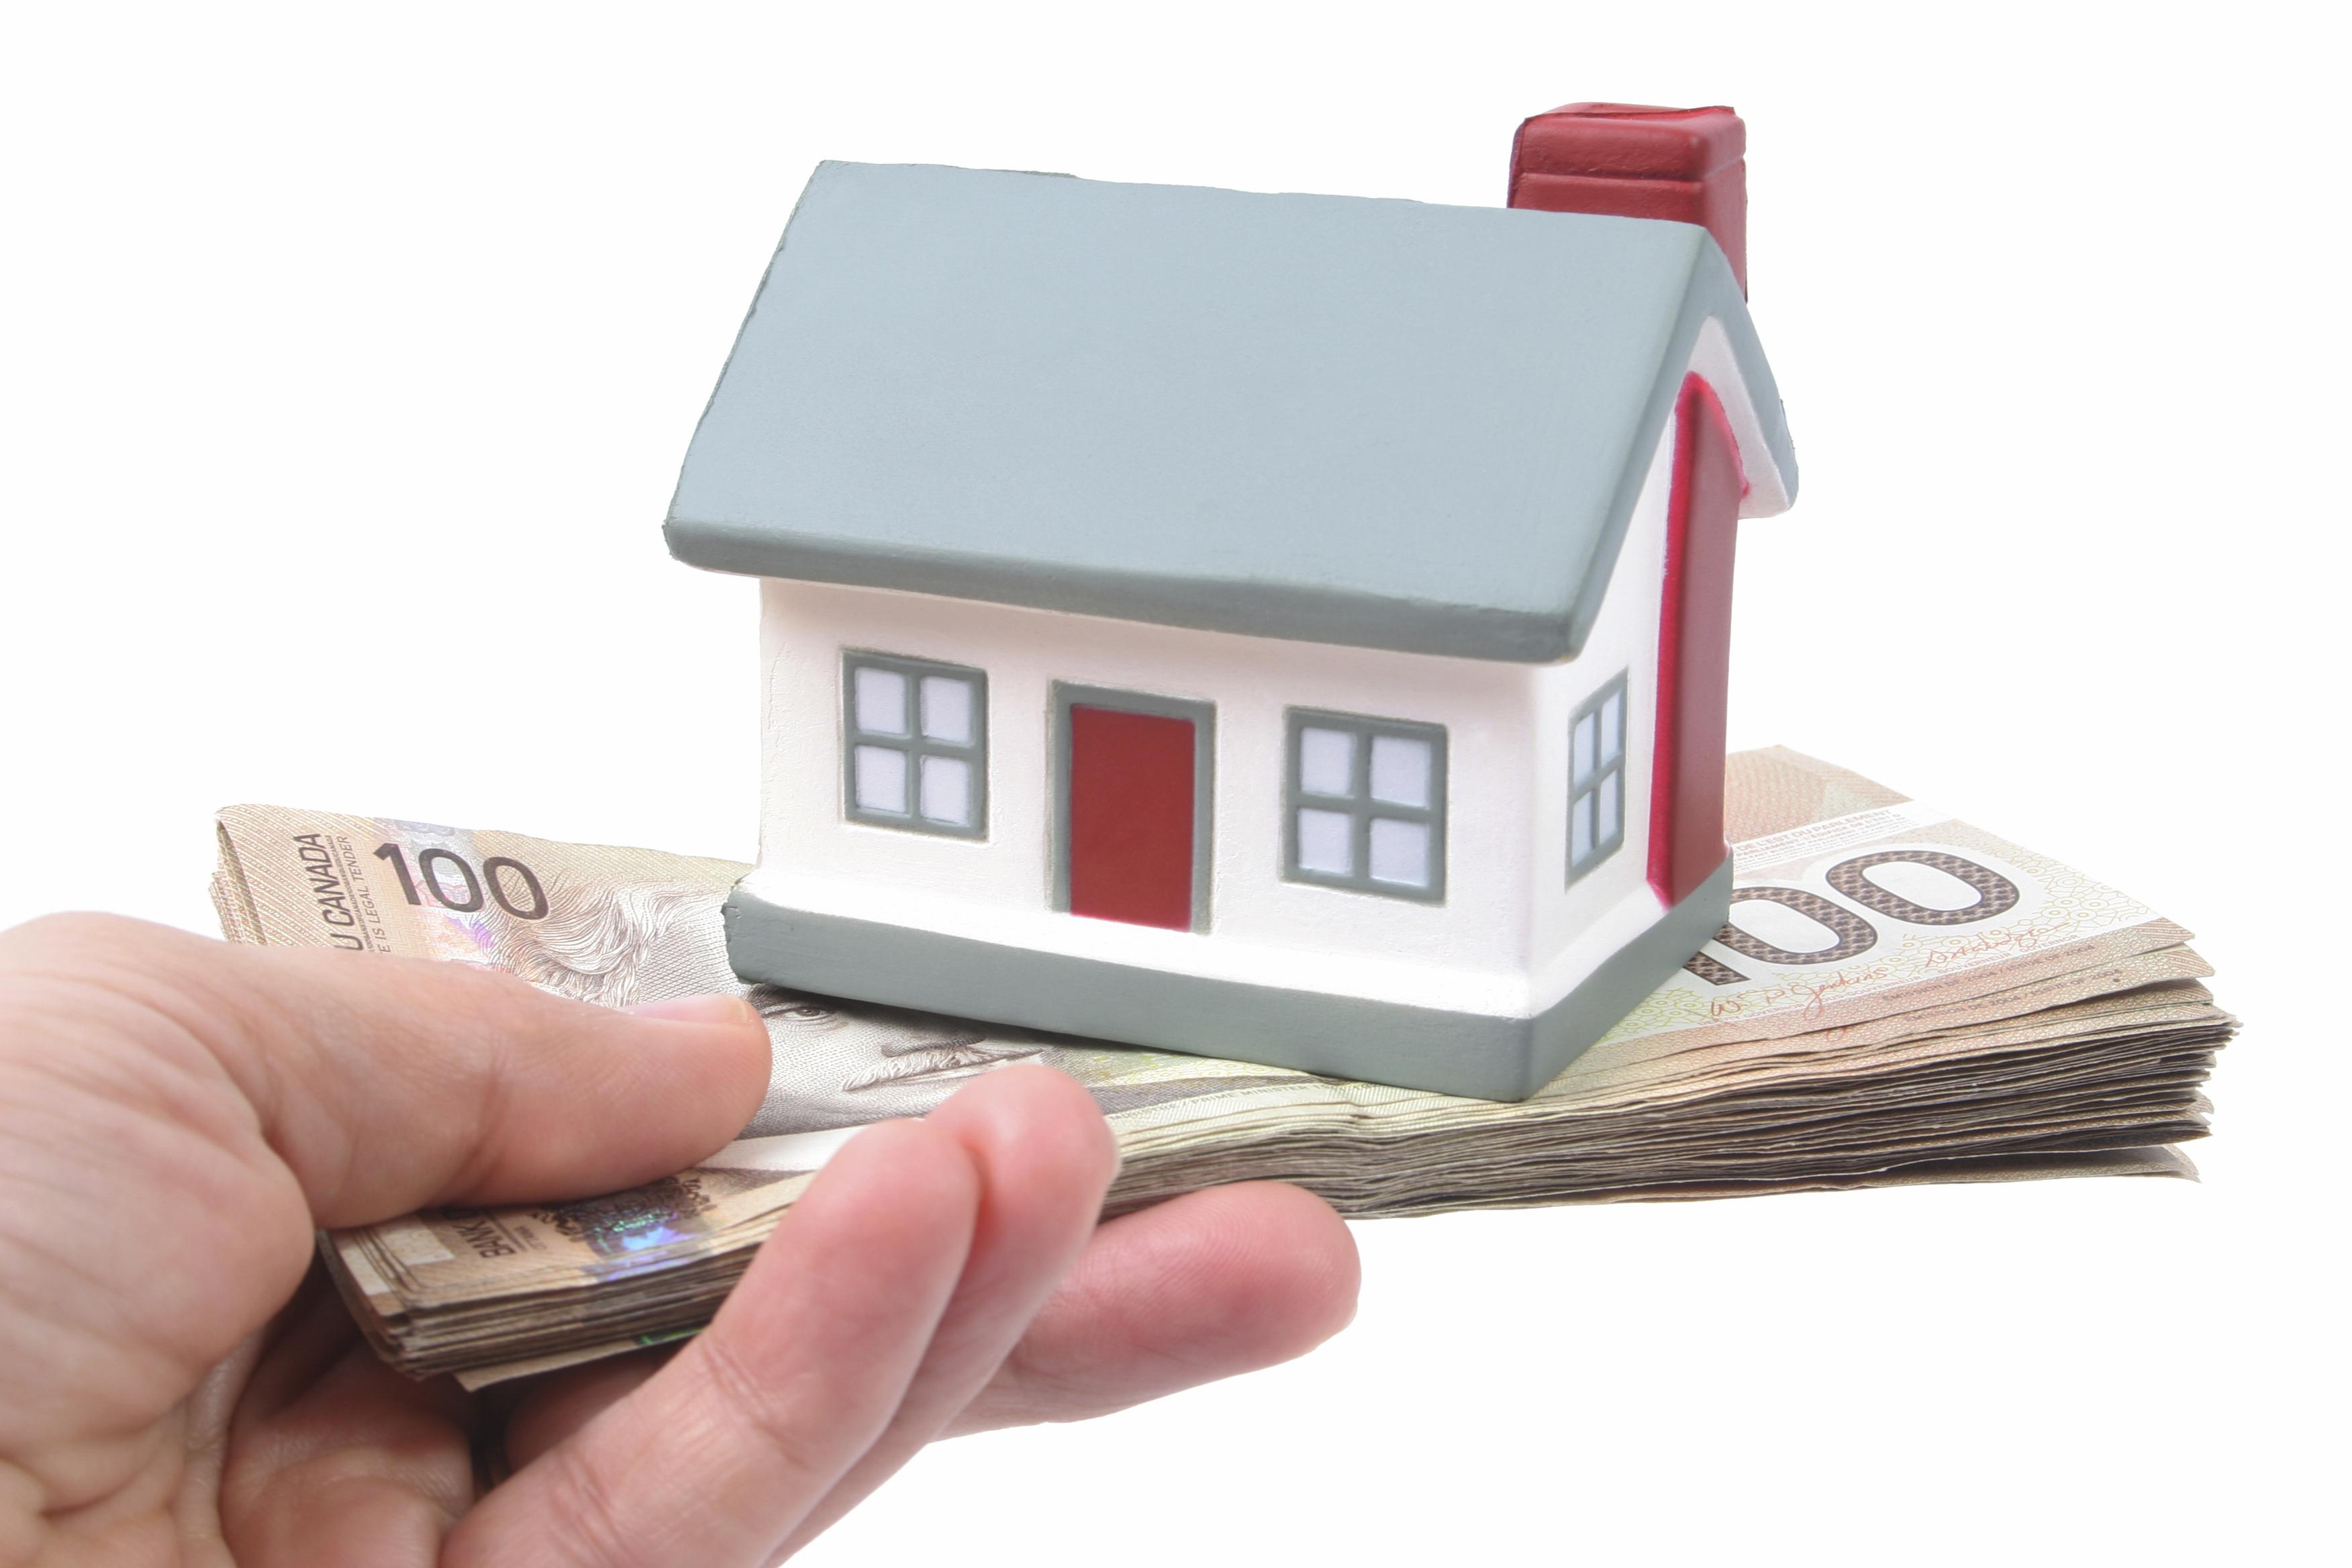 Vendre Sa Maison Rapidement Avec Ou Sans Courtier